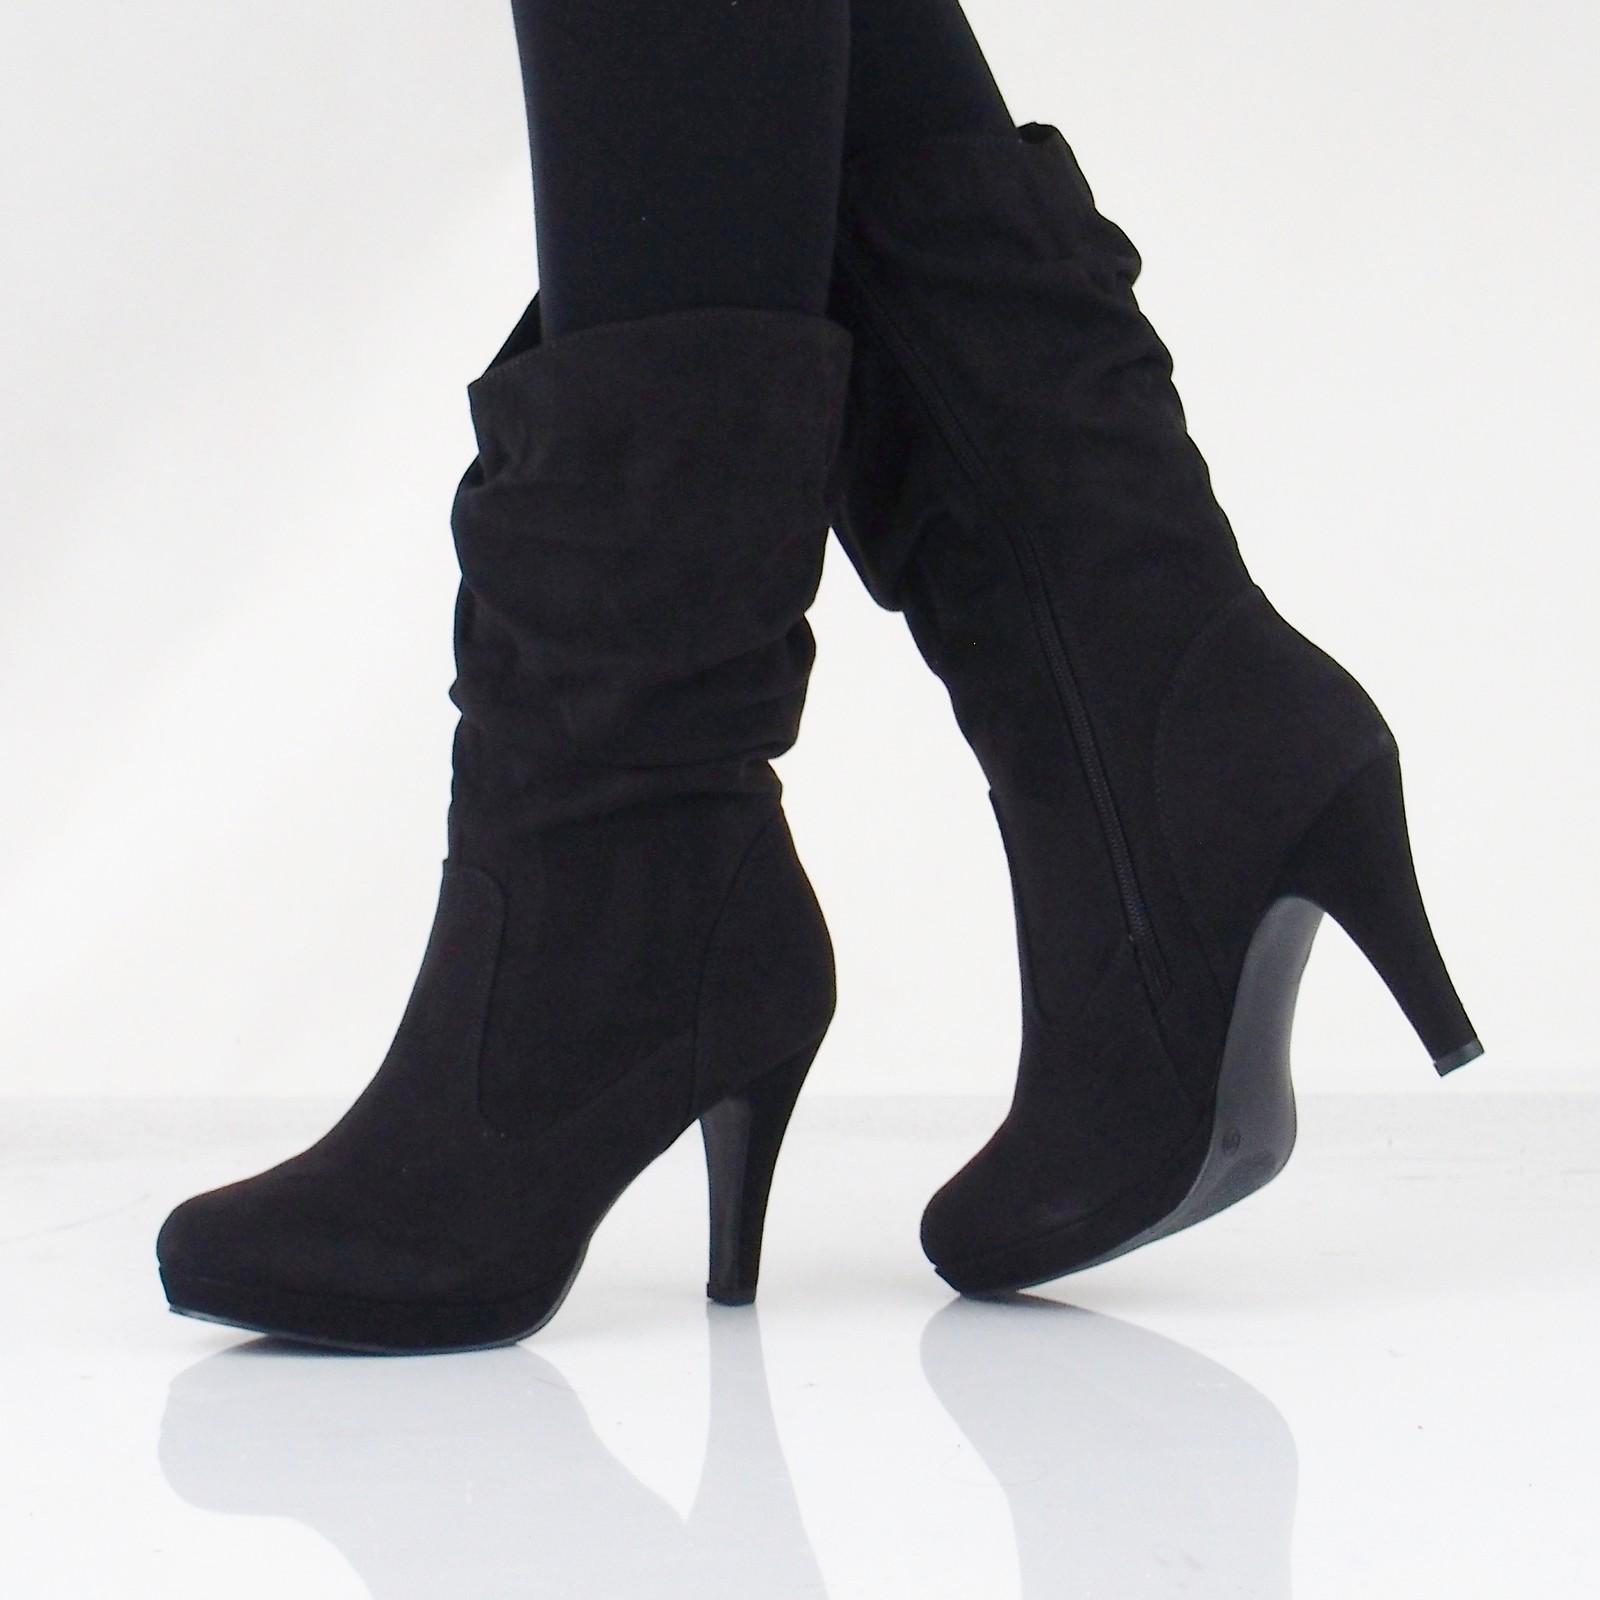 72d909c07082 Jane Klain dámske textilné čižmy na vysokom podpätku - čierne ...